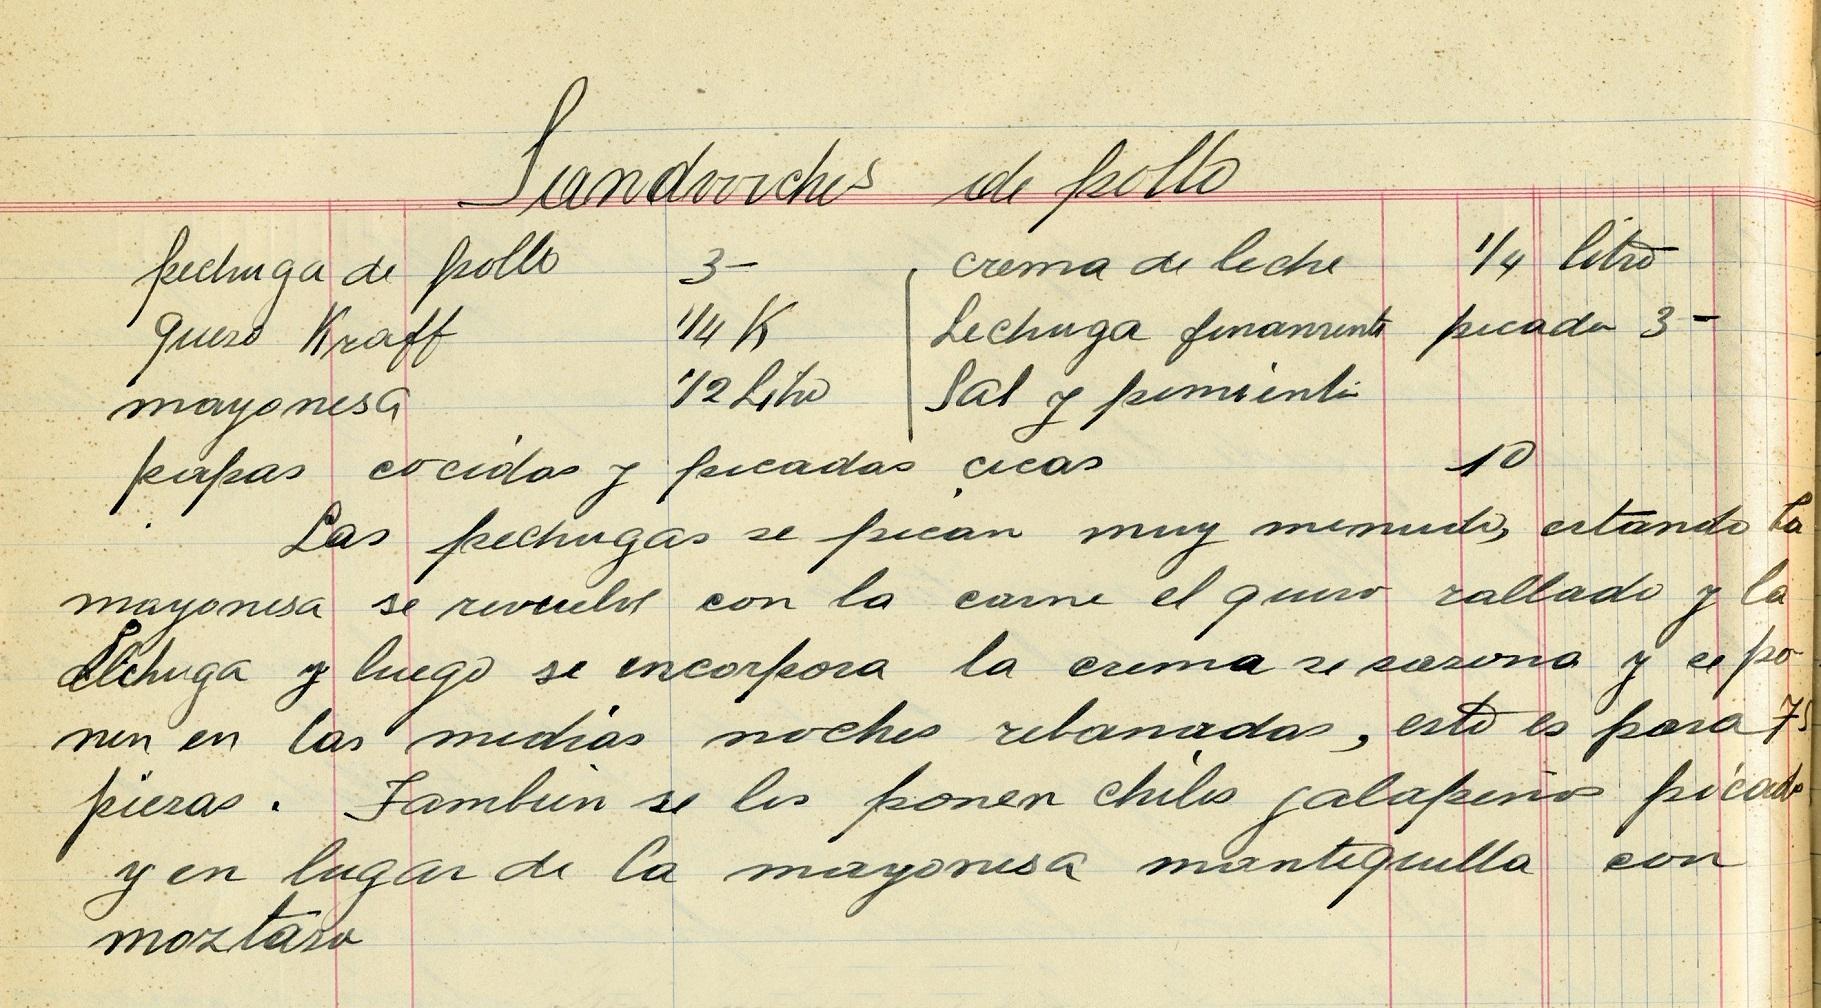 """""""Sandwchis de pollo"""", Recetario manuscrito de Amparo Gómez, 1929. Centro de documentación Fototeca Lorenzo Becerril A.C."""